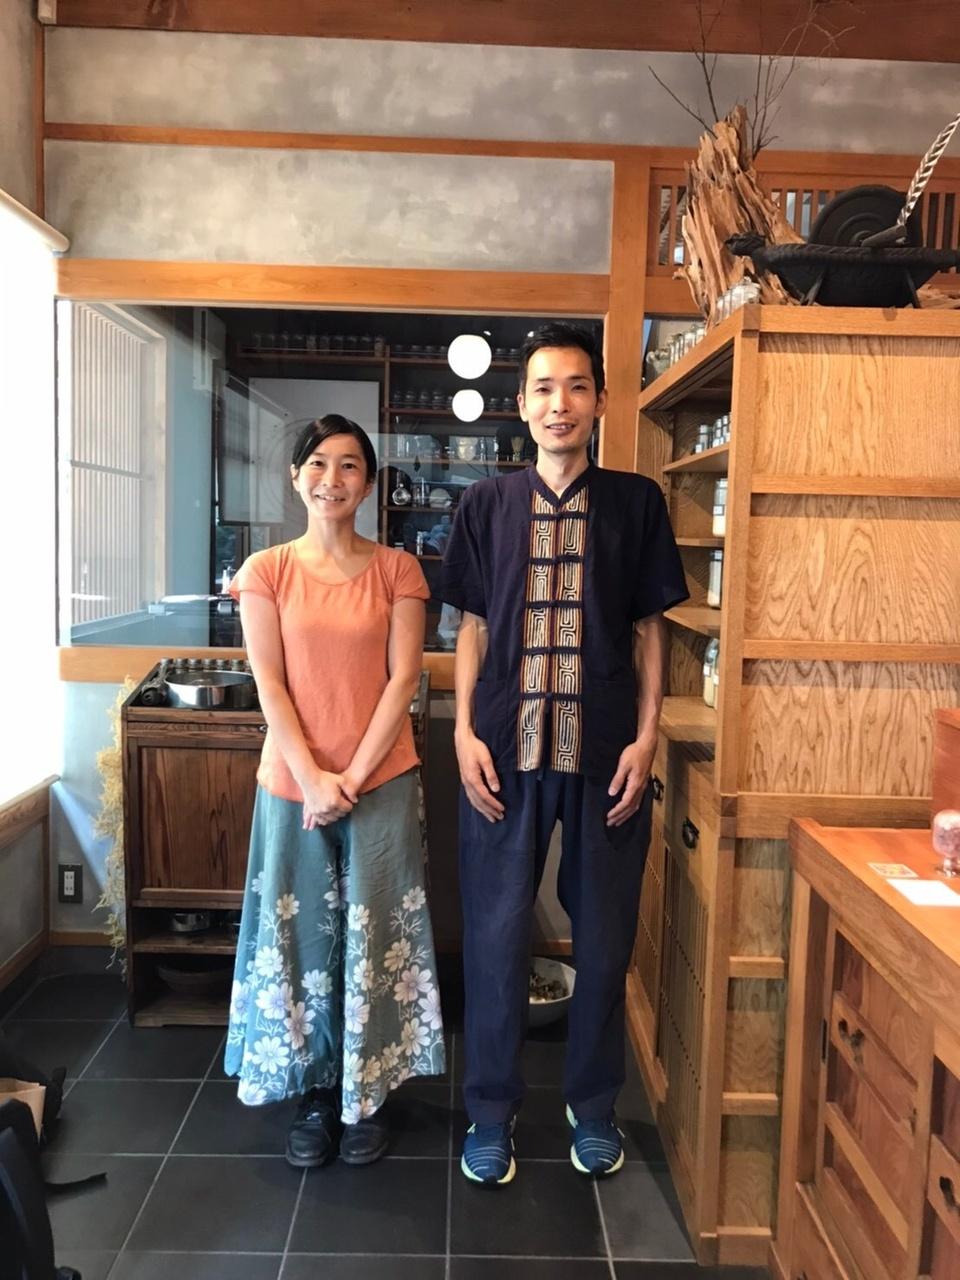 サンガ・インセンス✖︎発酵食堂カモシカ 〜いぶすとかもすは兄妹かも♪〜 発酵食の燻製体験ワークショップ